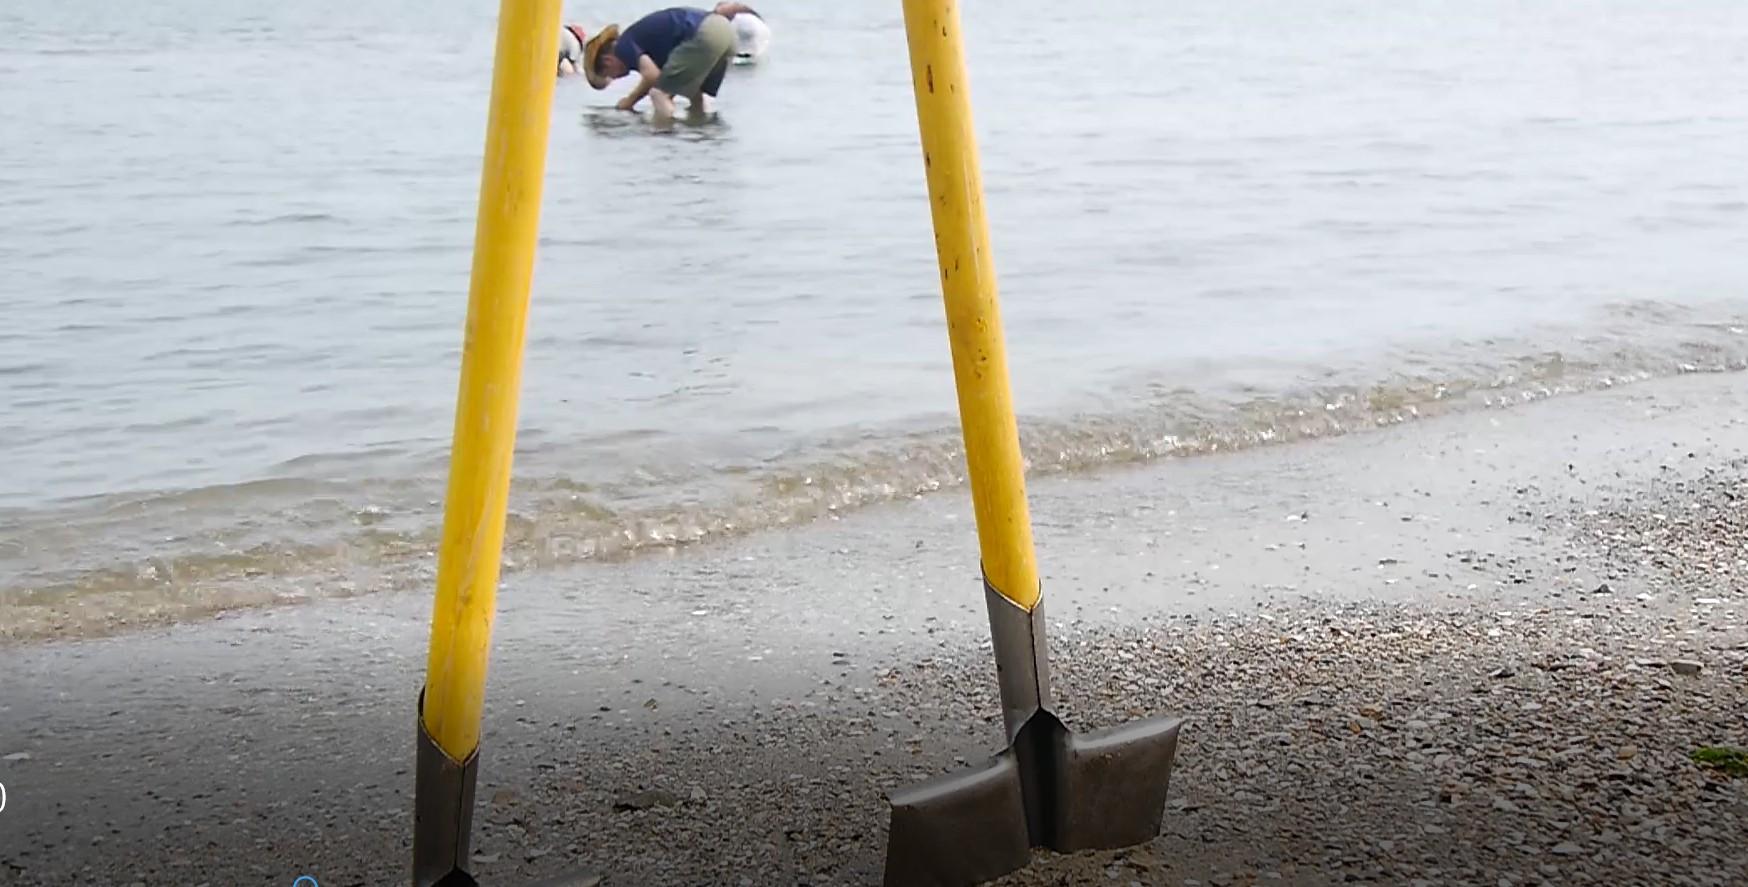 休闲沙滩海边人群海浪海鸥平静的大海视频背景